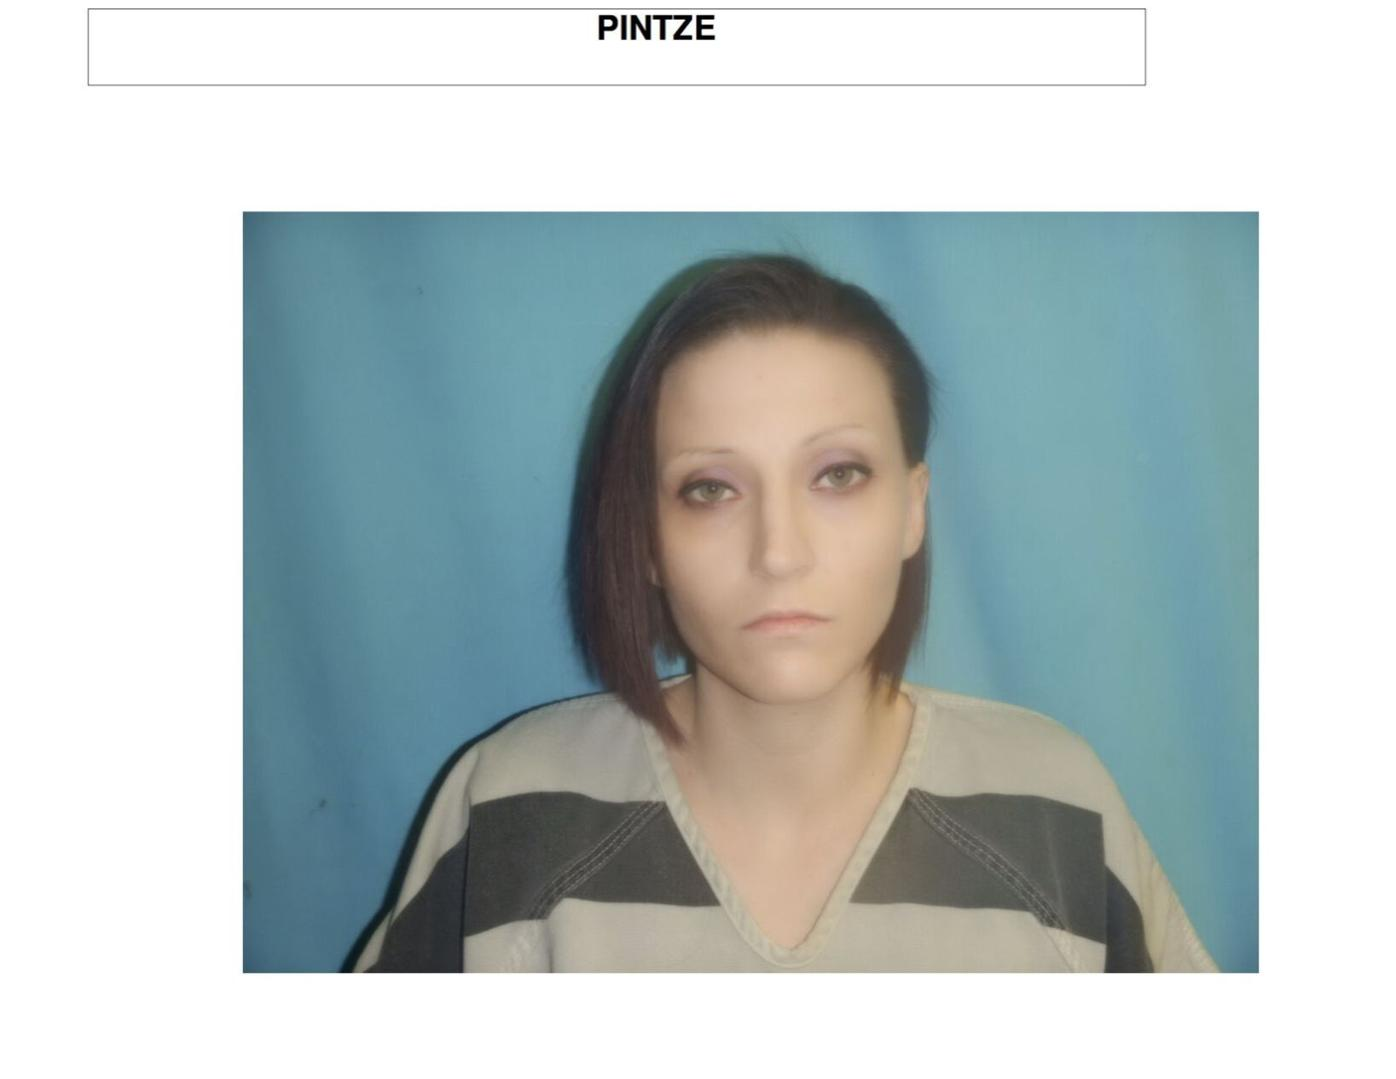 Brtynei K. Pintze